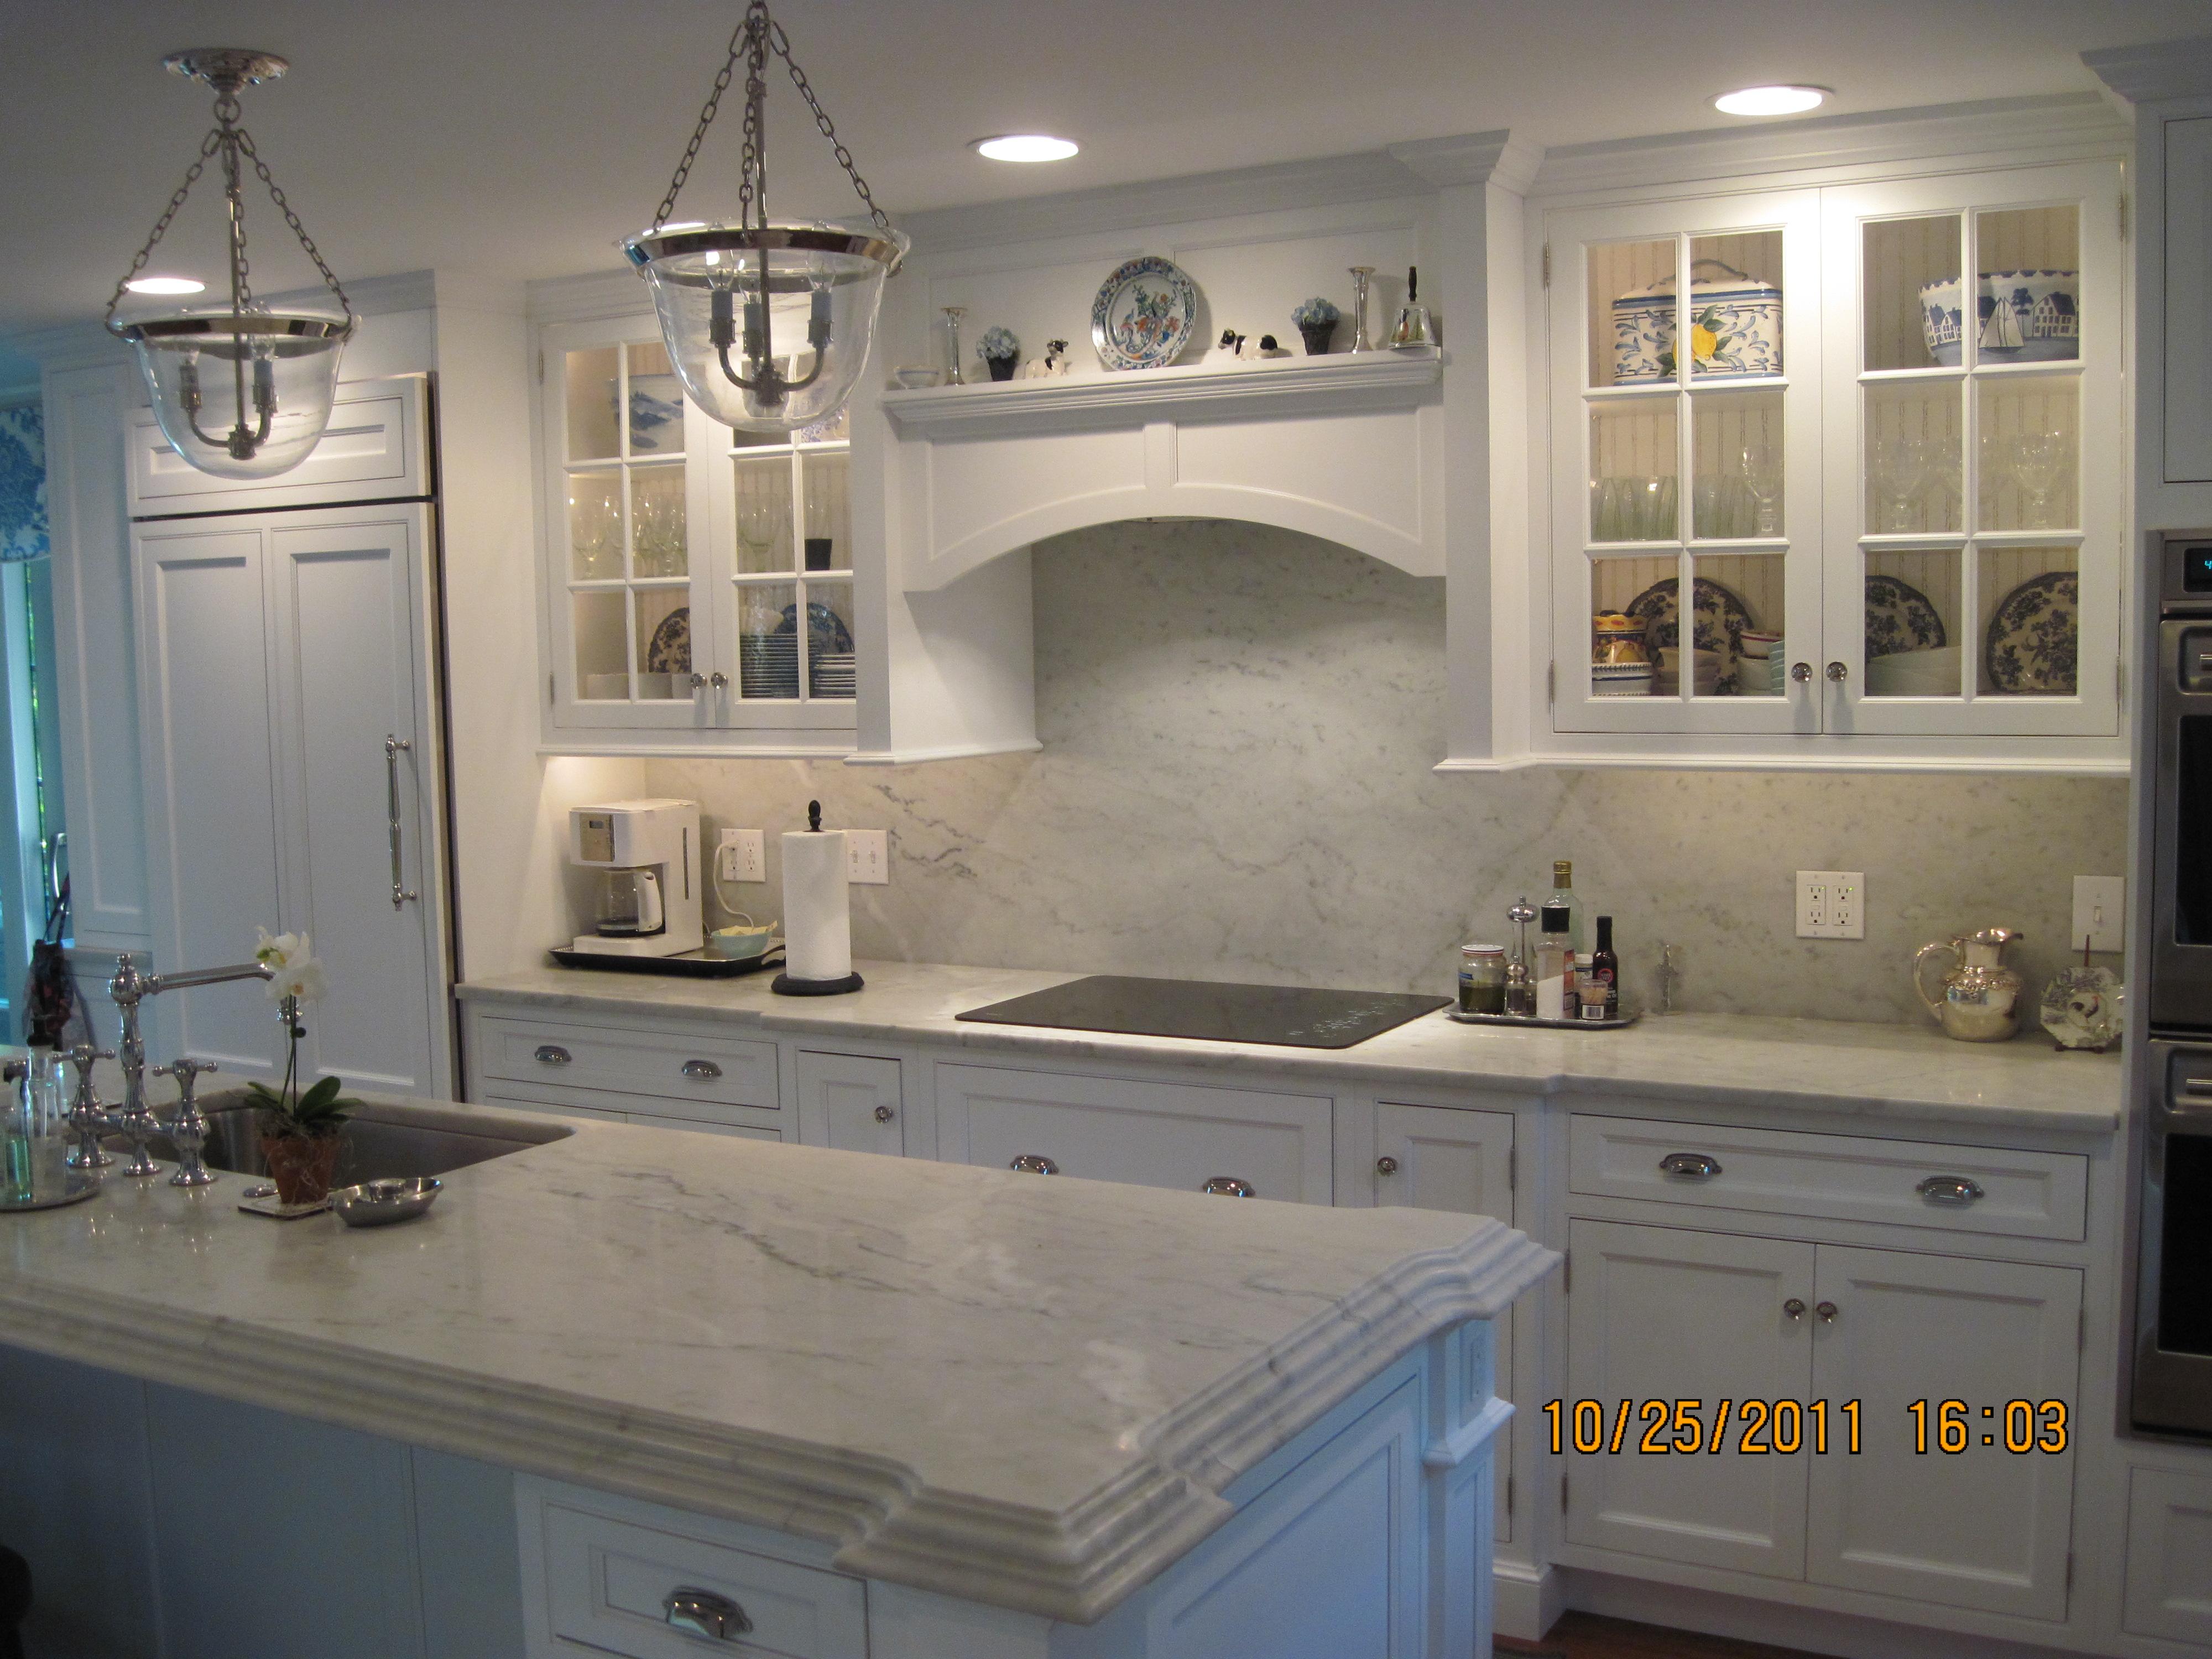 malvern kitchen and bath-kitchen-2